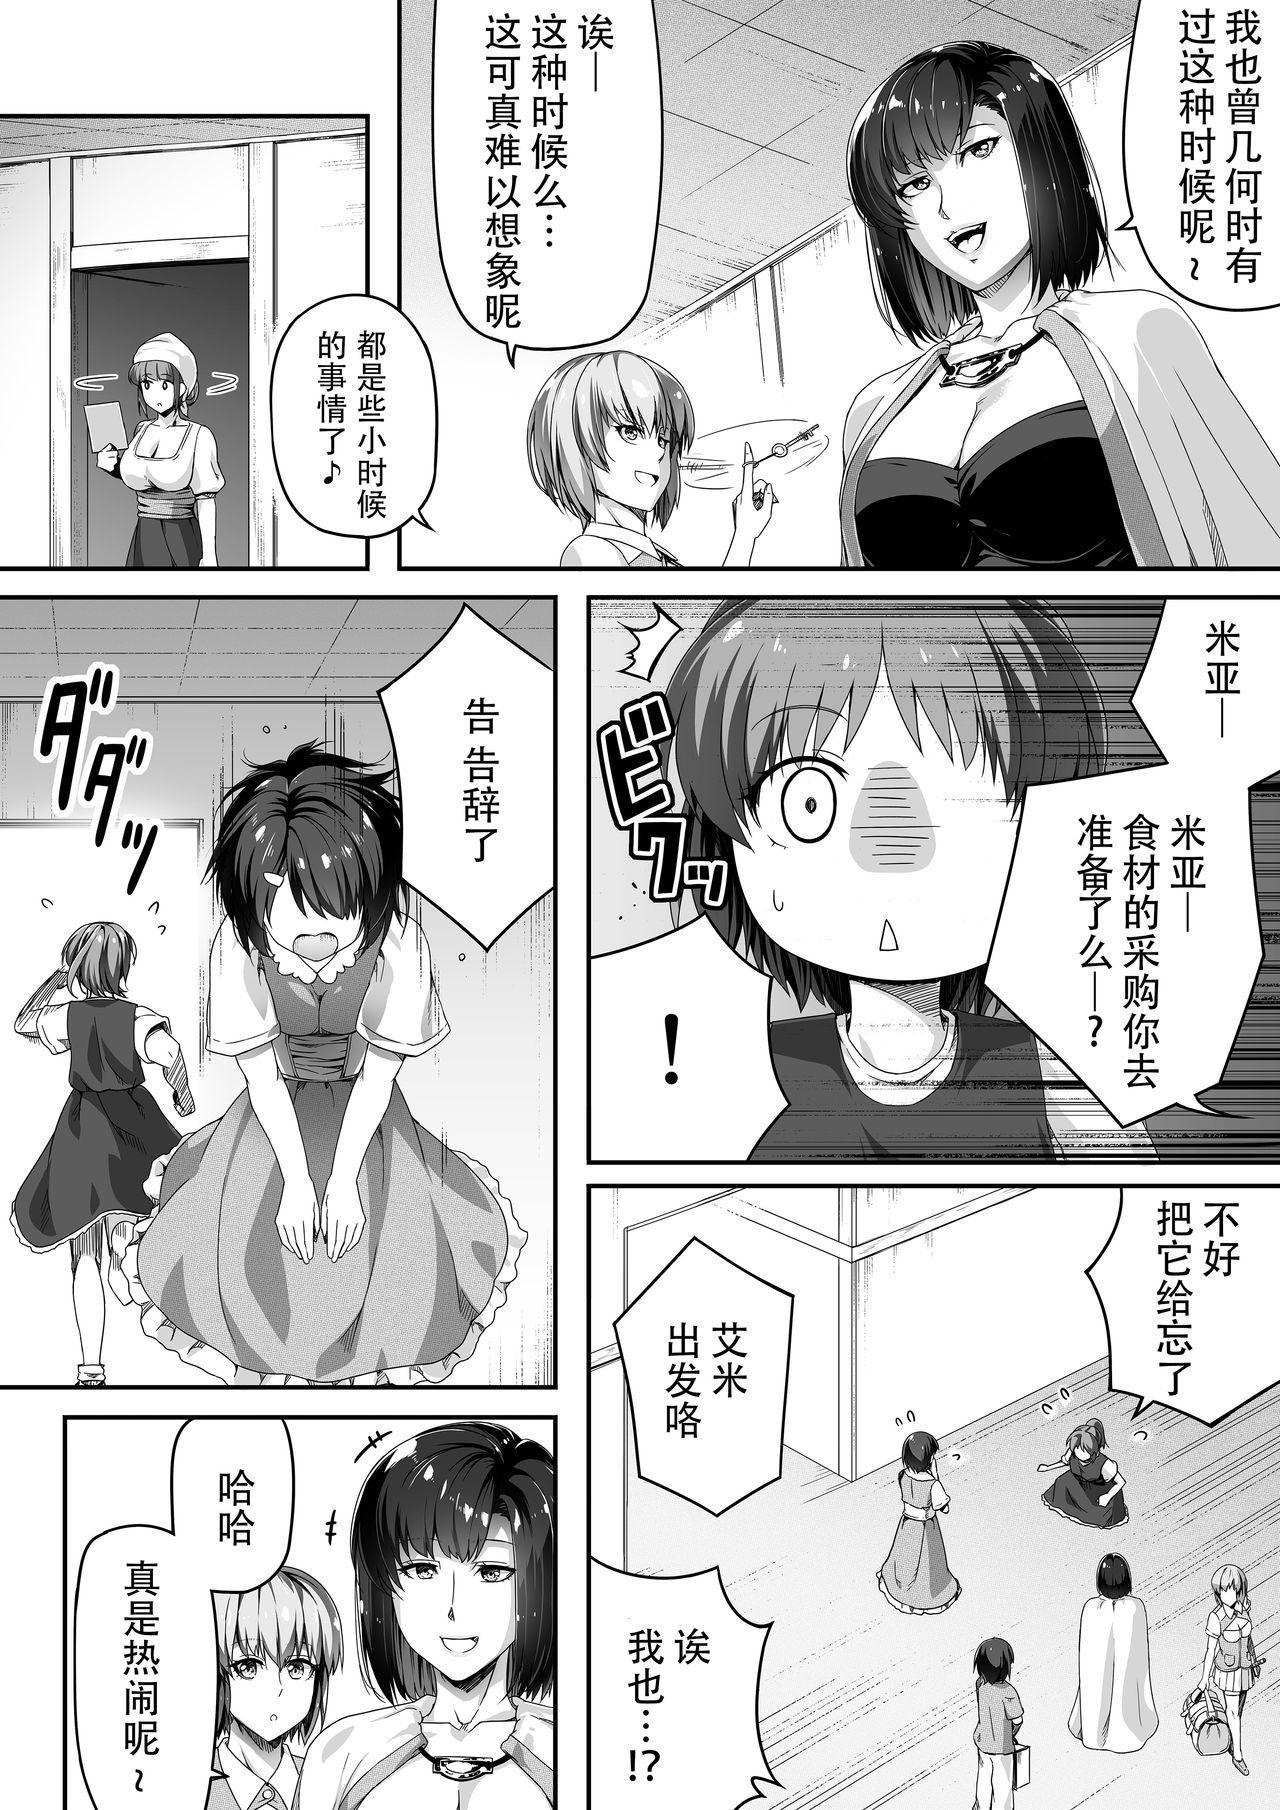 Chikara Aru Succubus wa Seiyoku o Mitashitai dake. 1 16